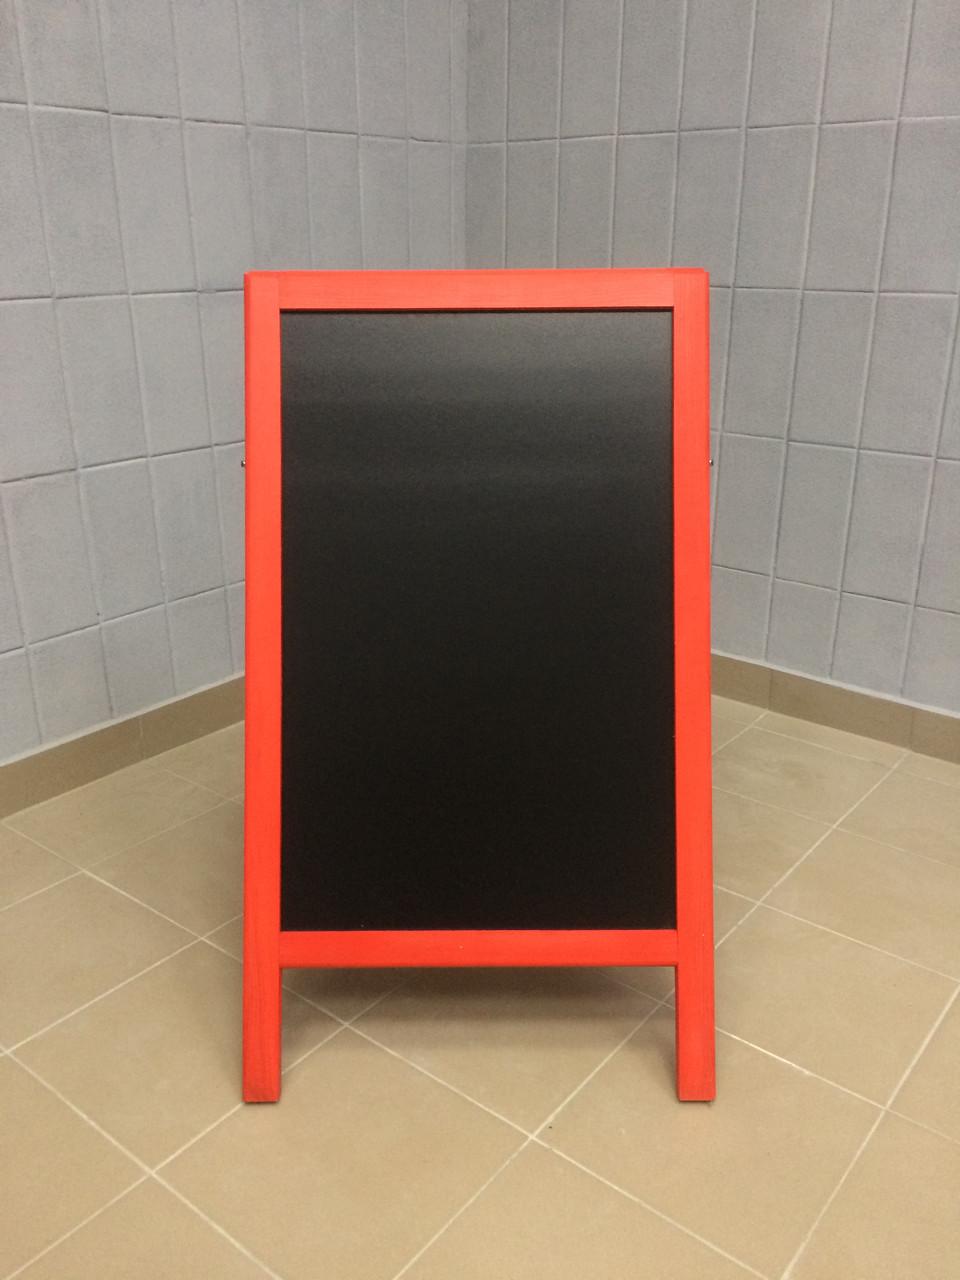 Штендер А - образный меловой, красный, двухсторонний